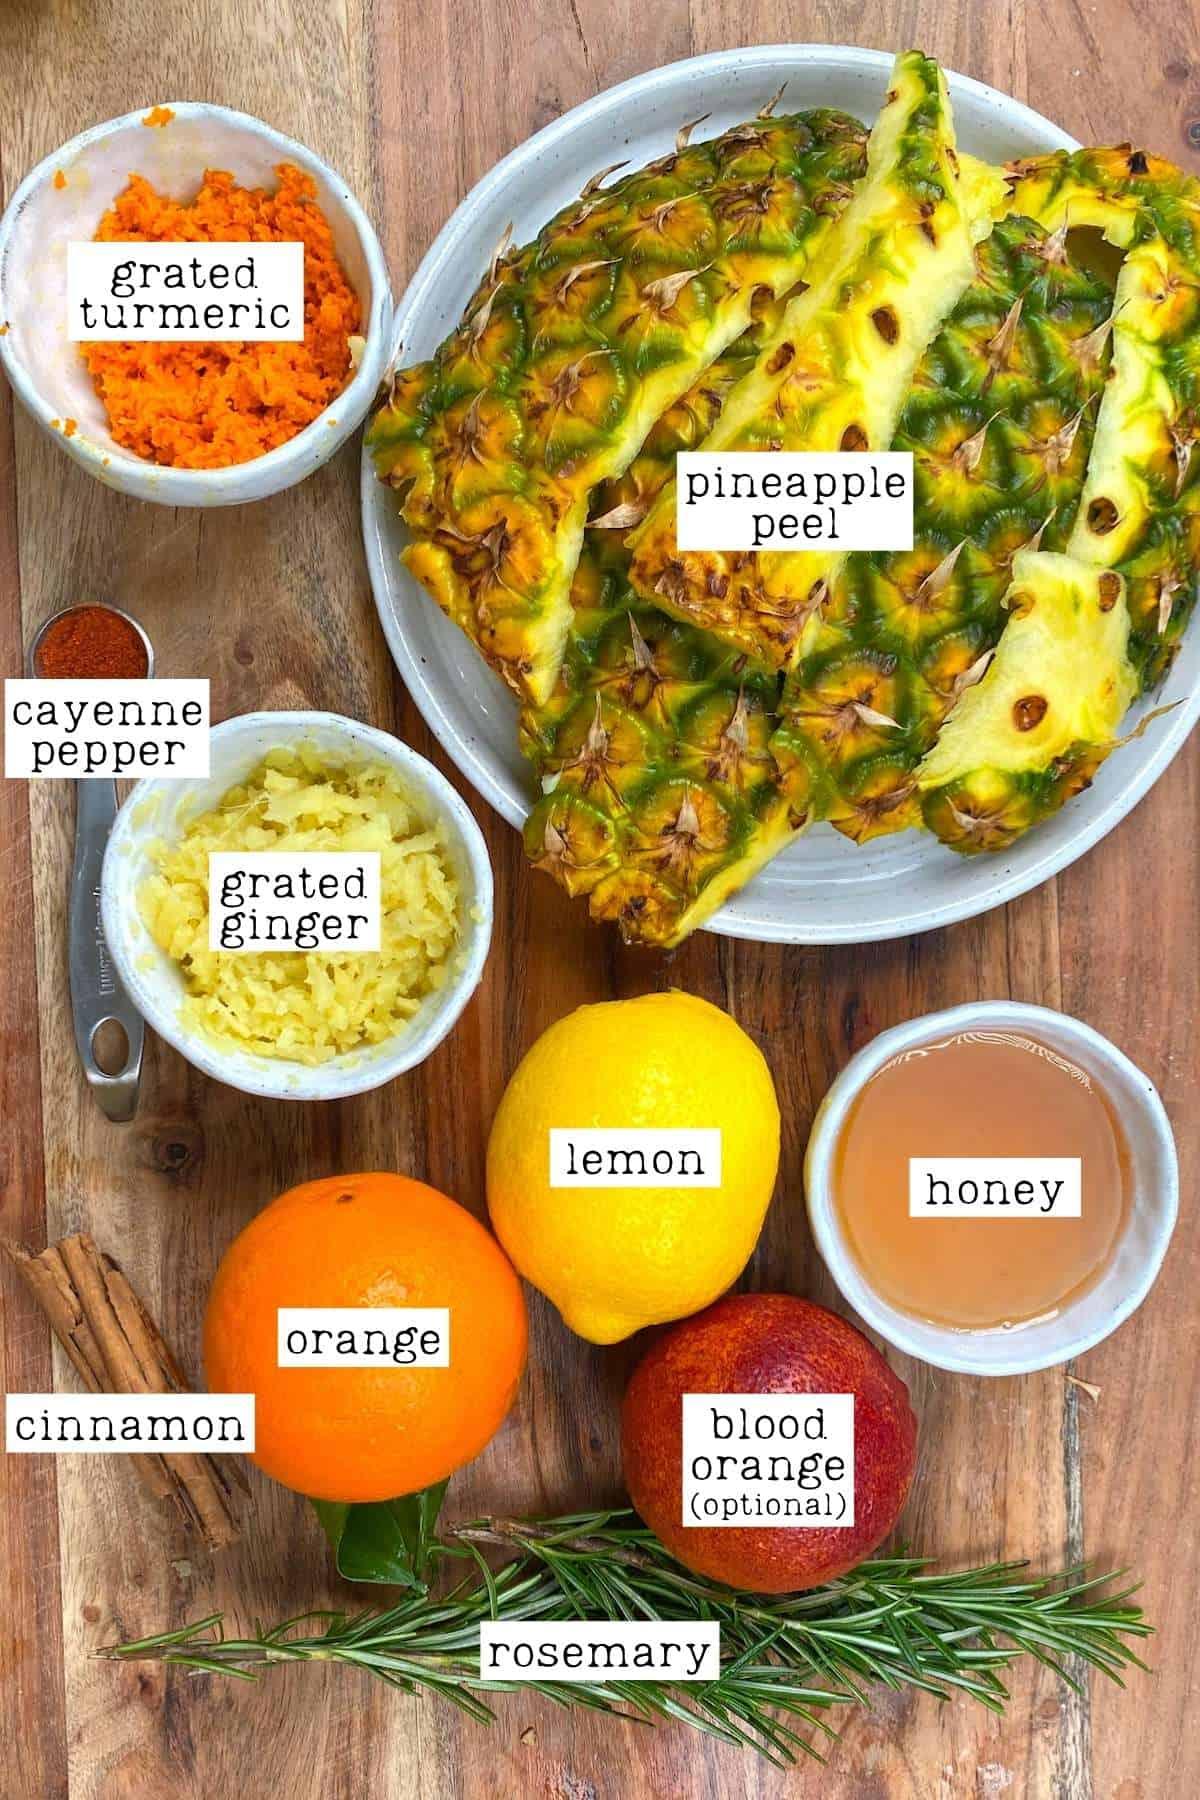 Ingredients for Pineapple Peel Tea